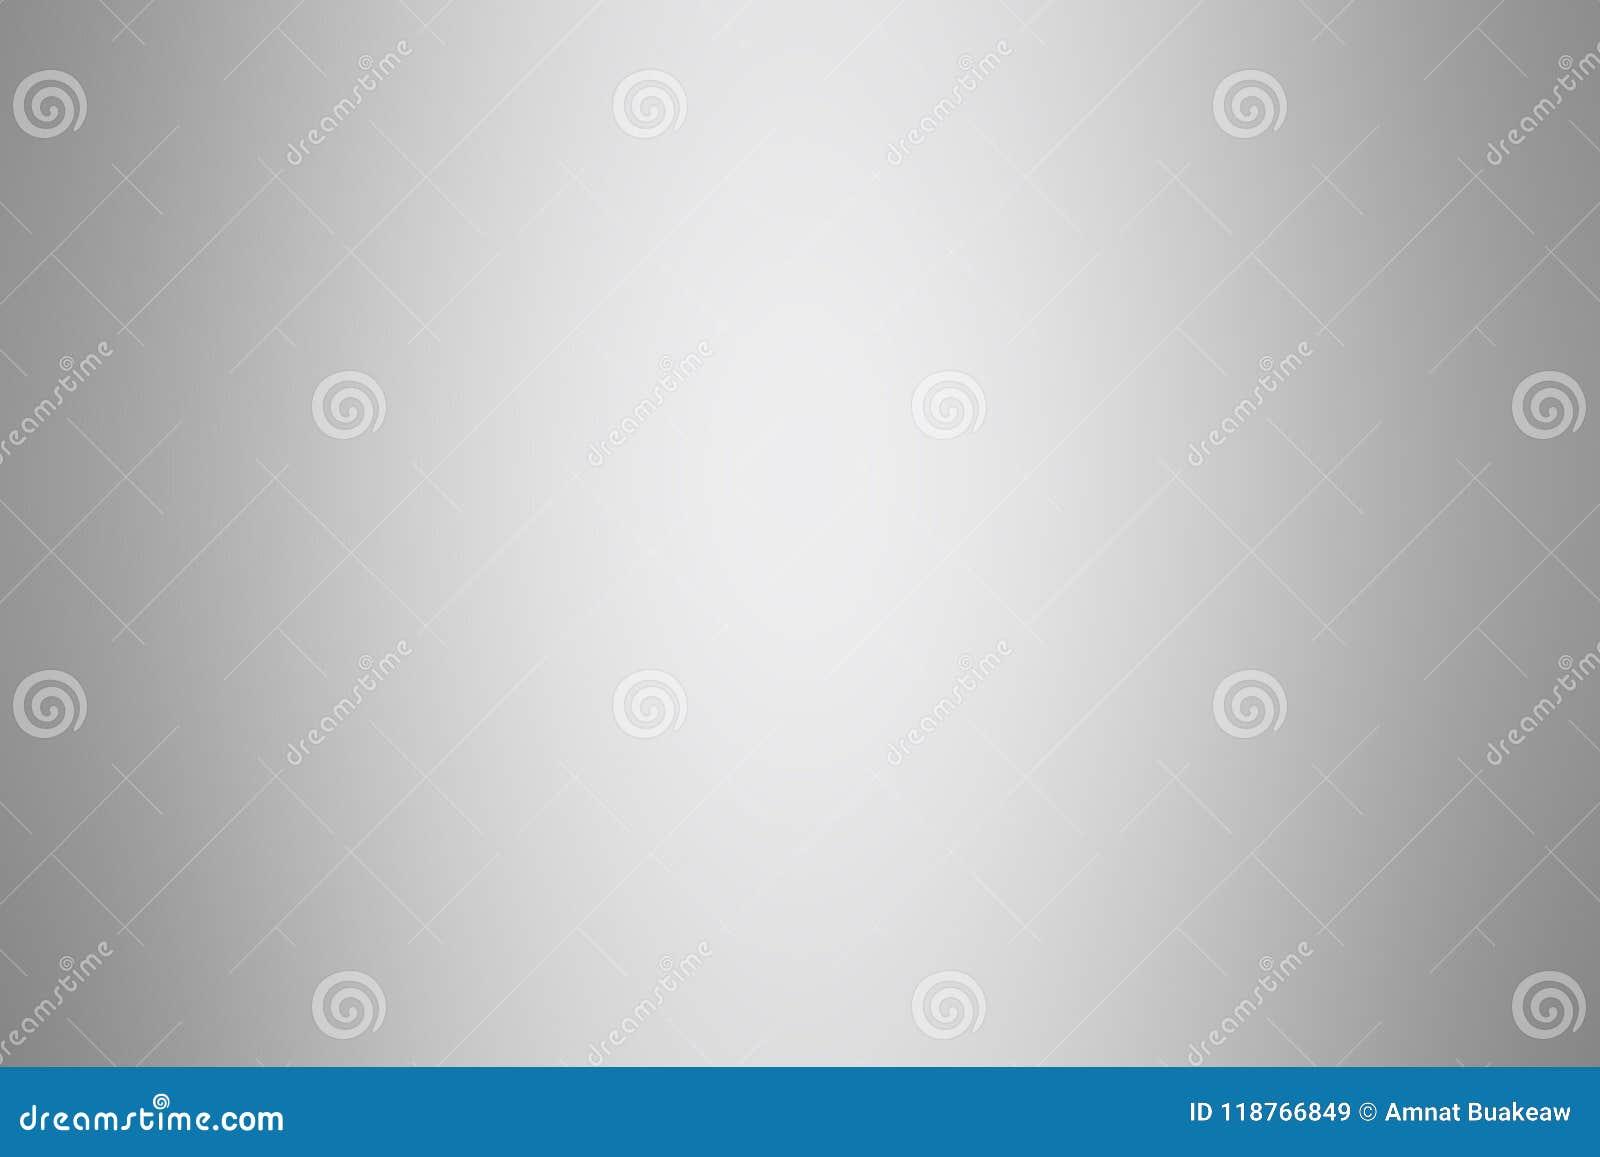 Γκρίζο ασημένιο μαλακό φως χρώματος υποβάθρου κλίσης, κλίσης γκρίζο μαλακό φωτεινό χρώμα κλίσης εικόνων ταπετσαριών όμορφο, γκρίζ